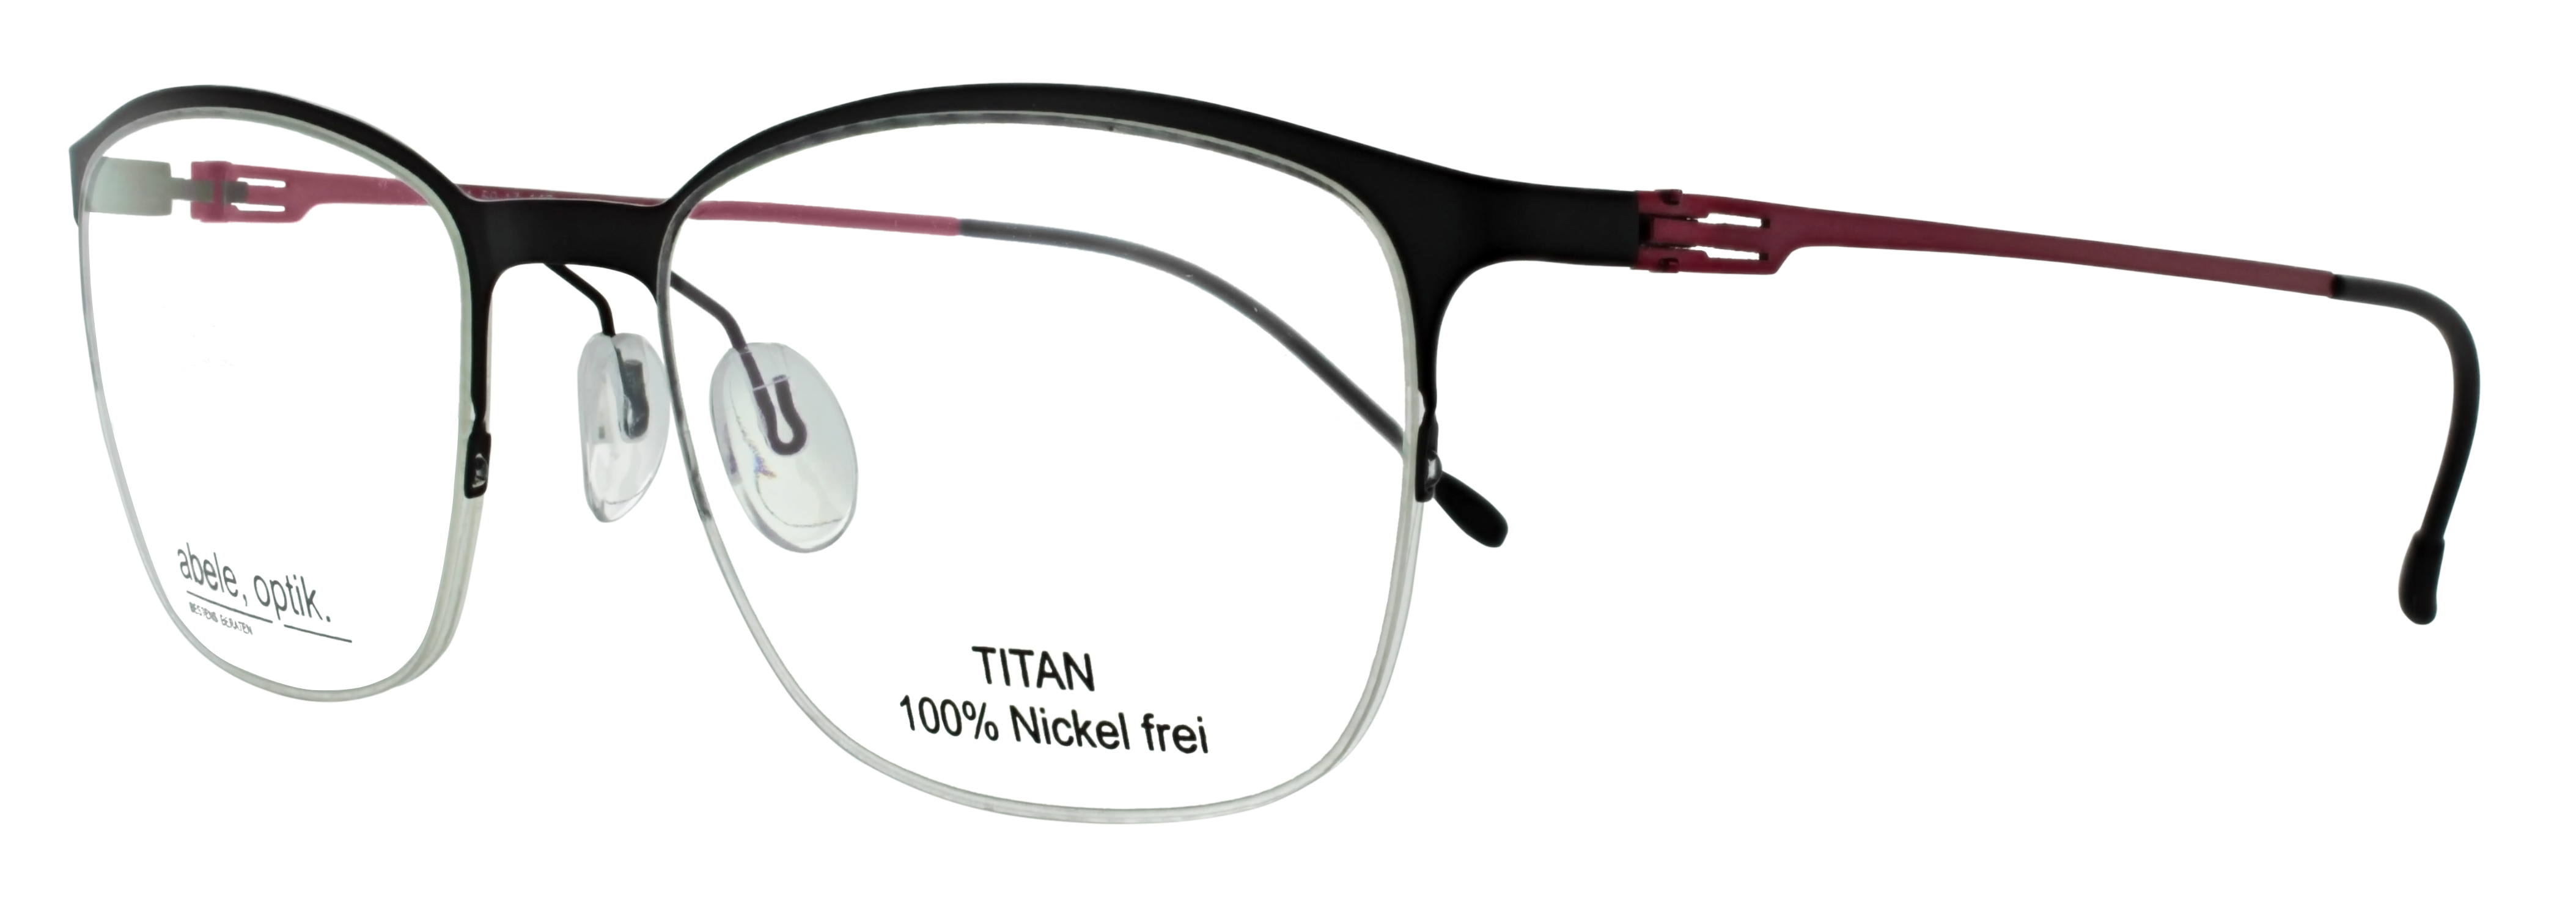 abele optik Brille 137821